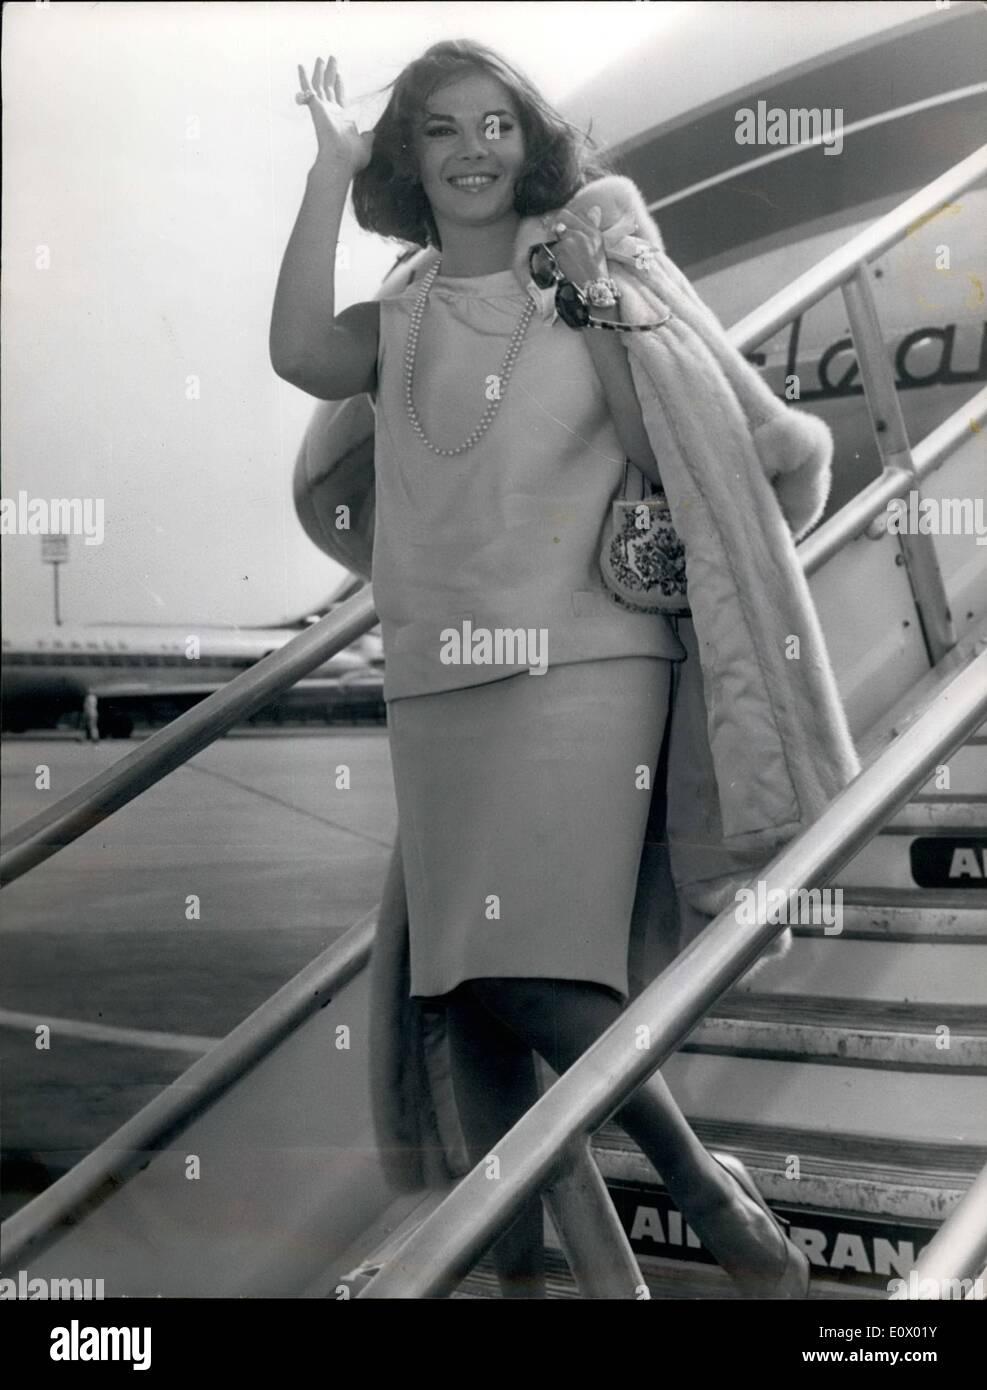 Septembre 09, 1964 - NATHALIE WOOD À STAR DANS UN FILM D'ÊTRE FABRIQUÉ EN EUROPE POUR LA PREMIÈRE FOIS, NATHALIE WOOD, DU ''WEST SIDE STORY'' LA GLOIRE, VA JOUER DANS UN FILM À ÊTRE FABRIQUÉ EN EUROPE. OPS: NATHALIE WOOD PHOTOS SUR SON ARRIVÉE À L'aérodrome qu'aujourd'hui. Photo Stock